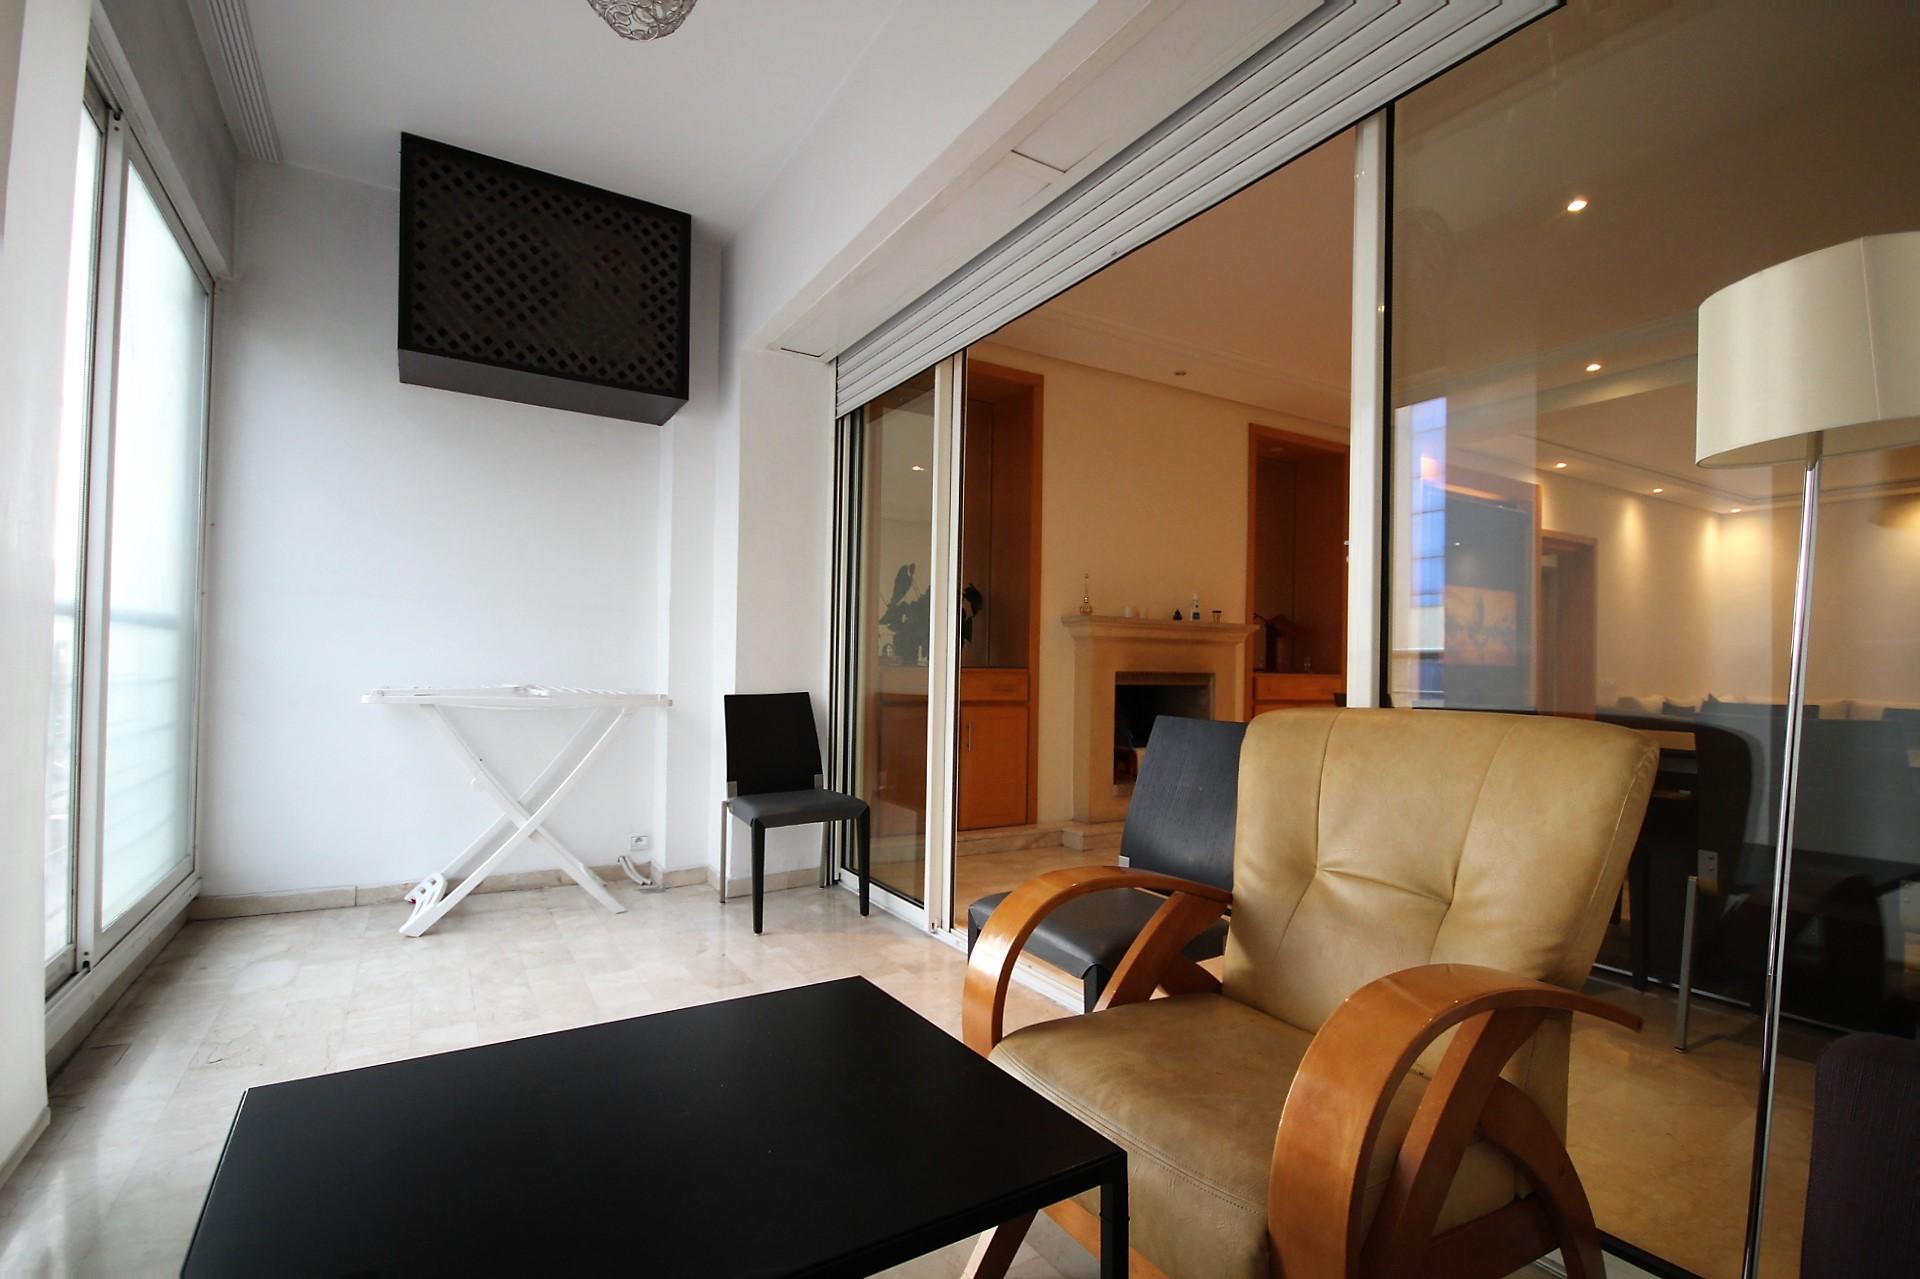 Maroc, Casablanca, sur Ghandi, vend parfait appartement 3 chambres tres bon prix